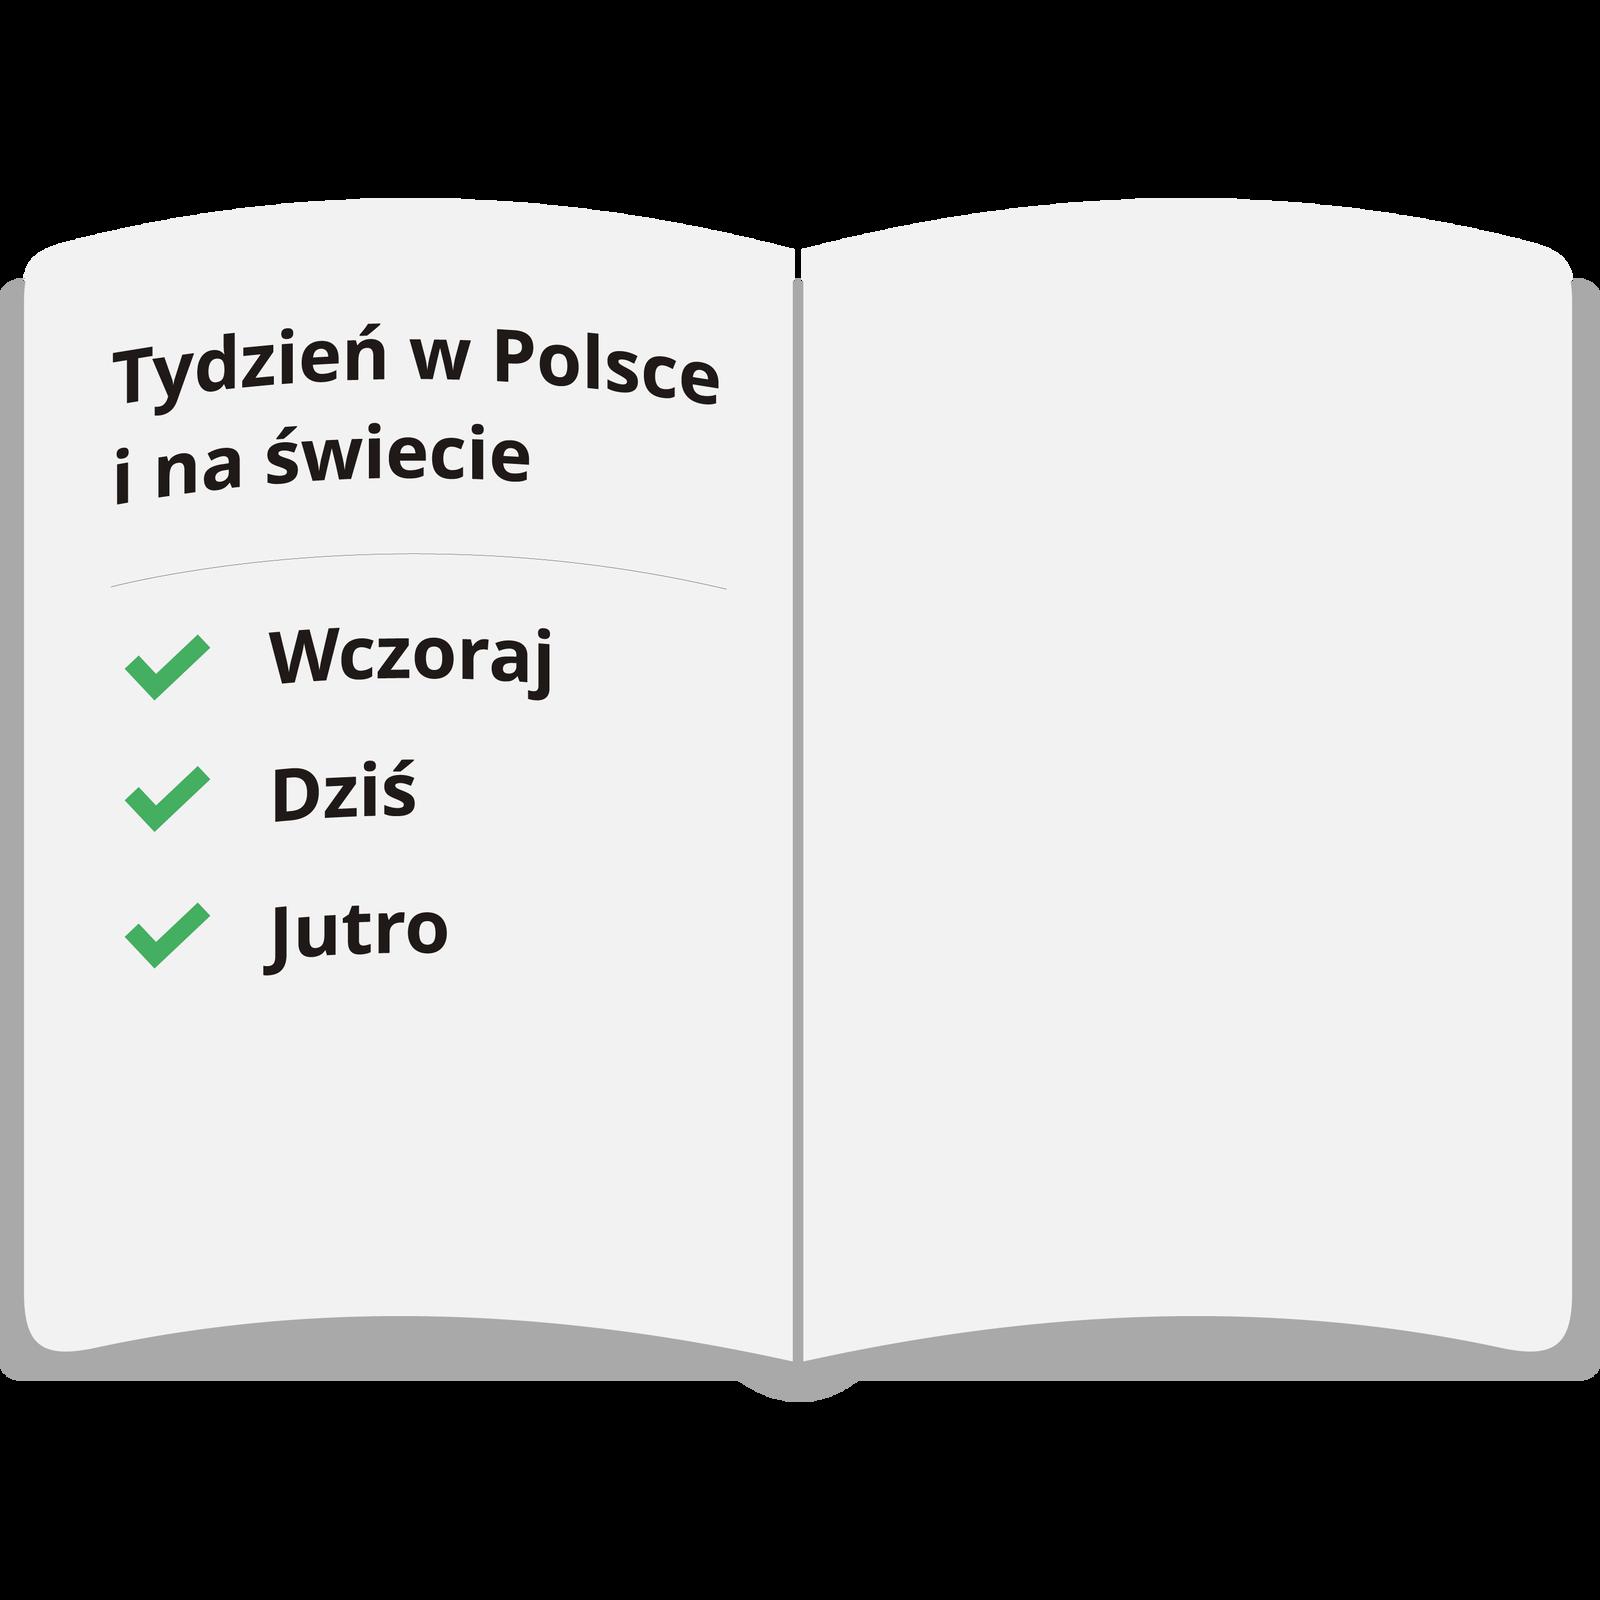 Notatnik Źródło: Contentplus.pl sp. zo.o., licencja: CC BY 3.0.